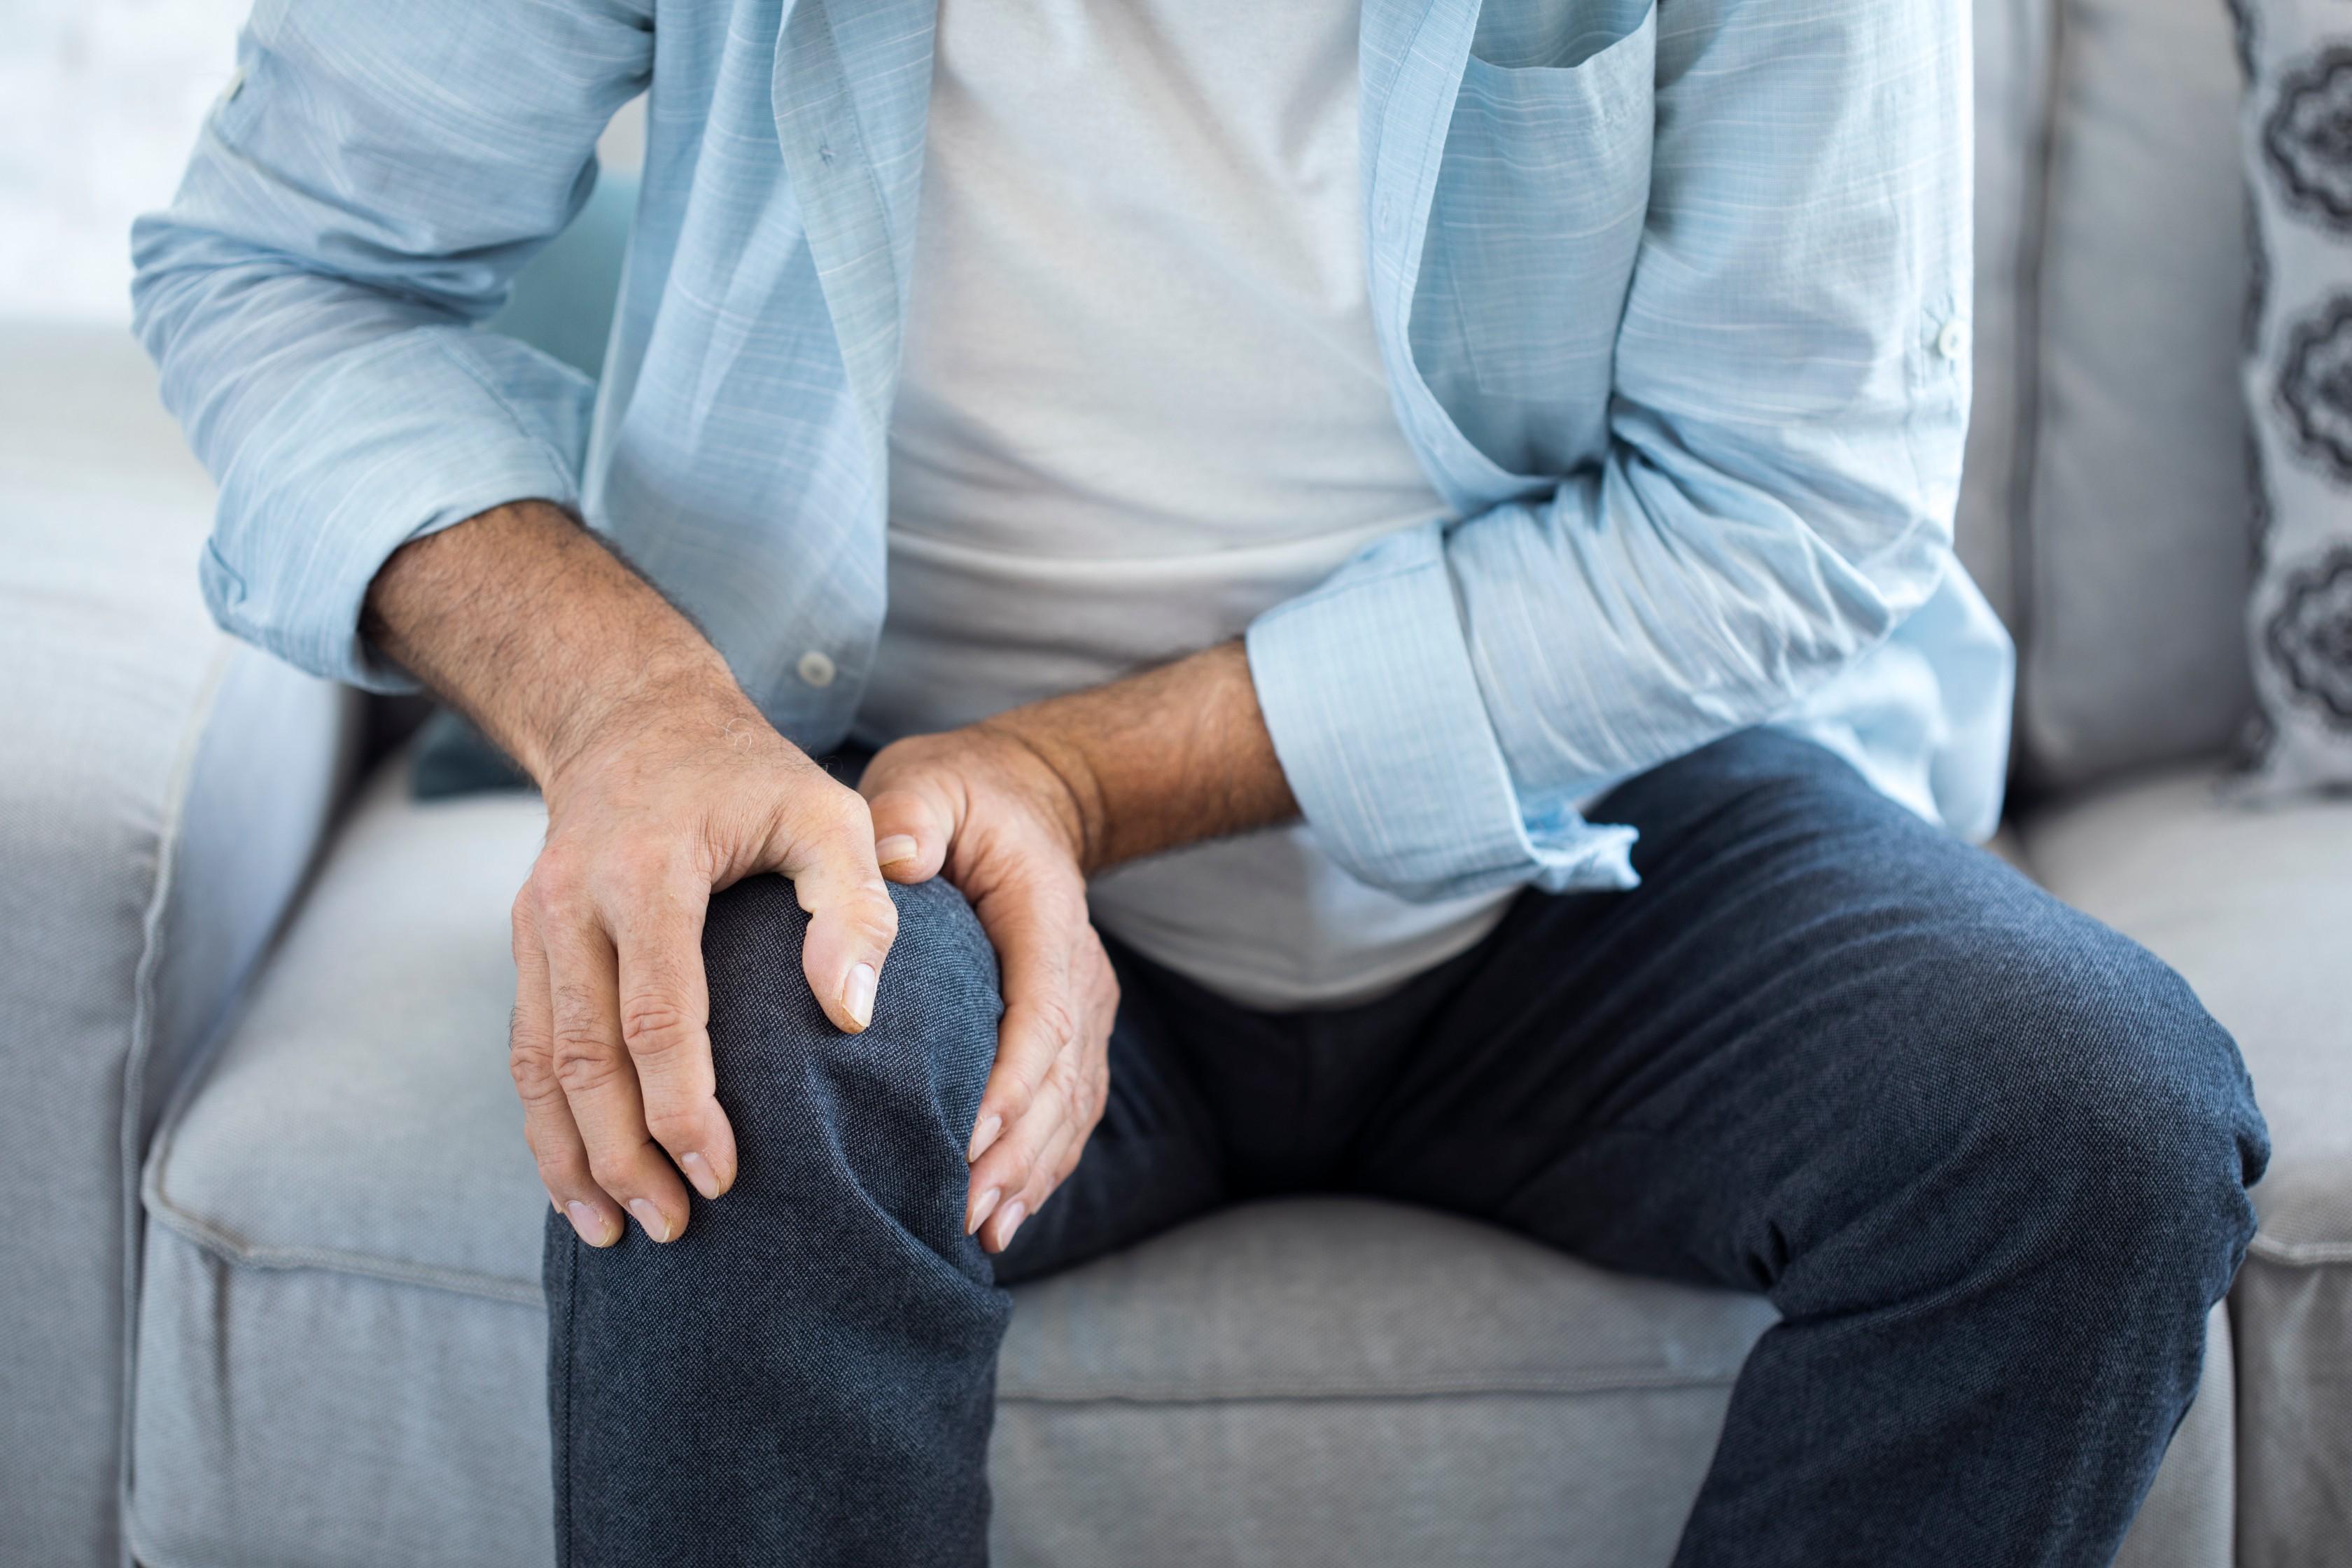 mi jobb az ízületi fájdalmak esetén